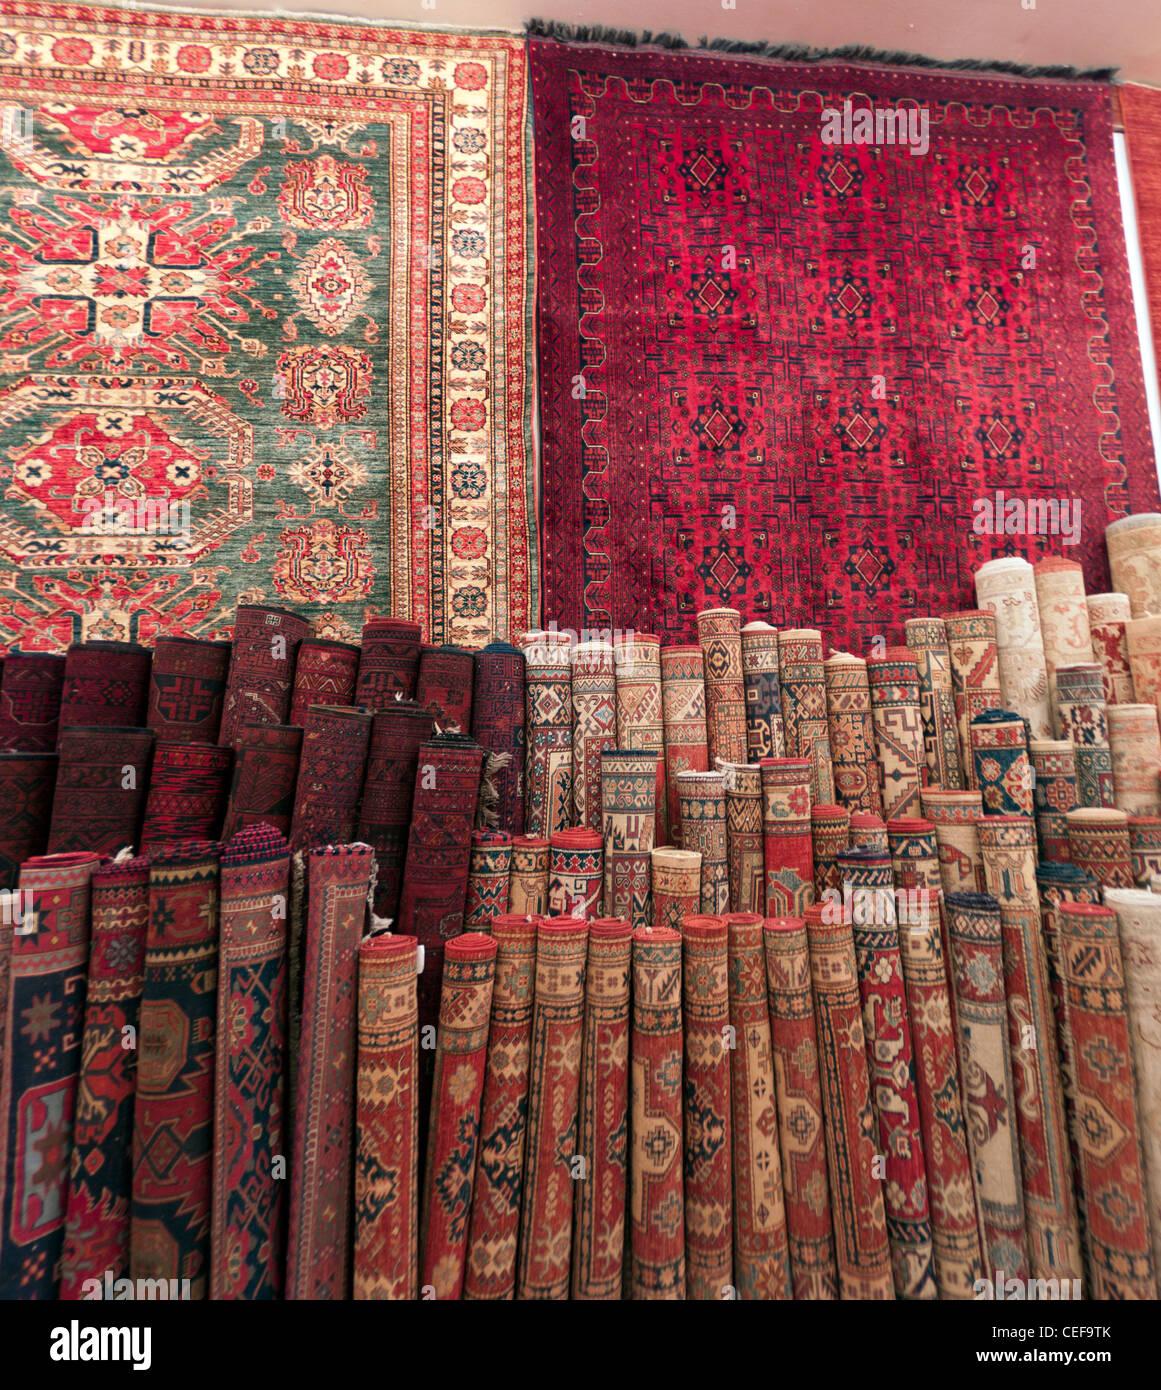 Tappeti persiani è venduto in un negozio di Riyadh Immagini Stock